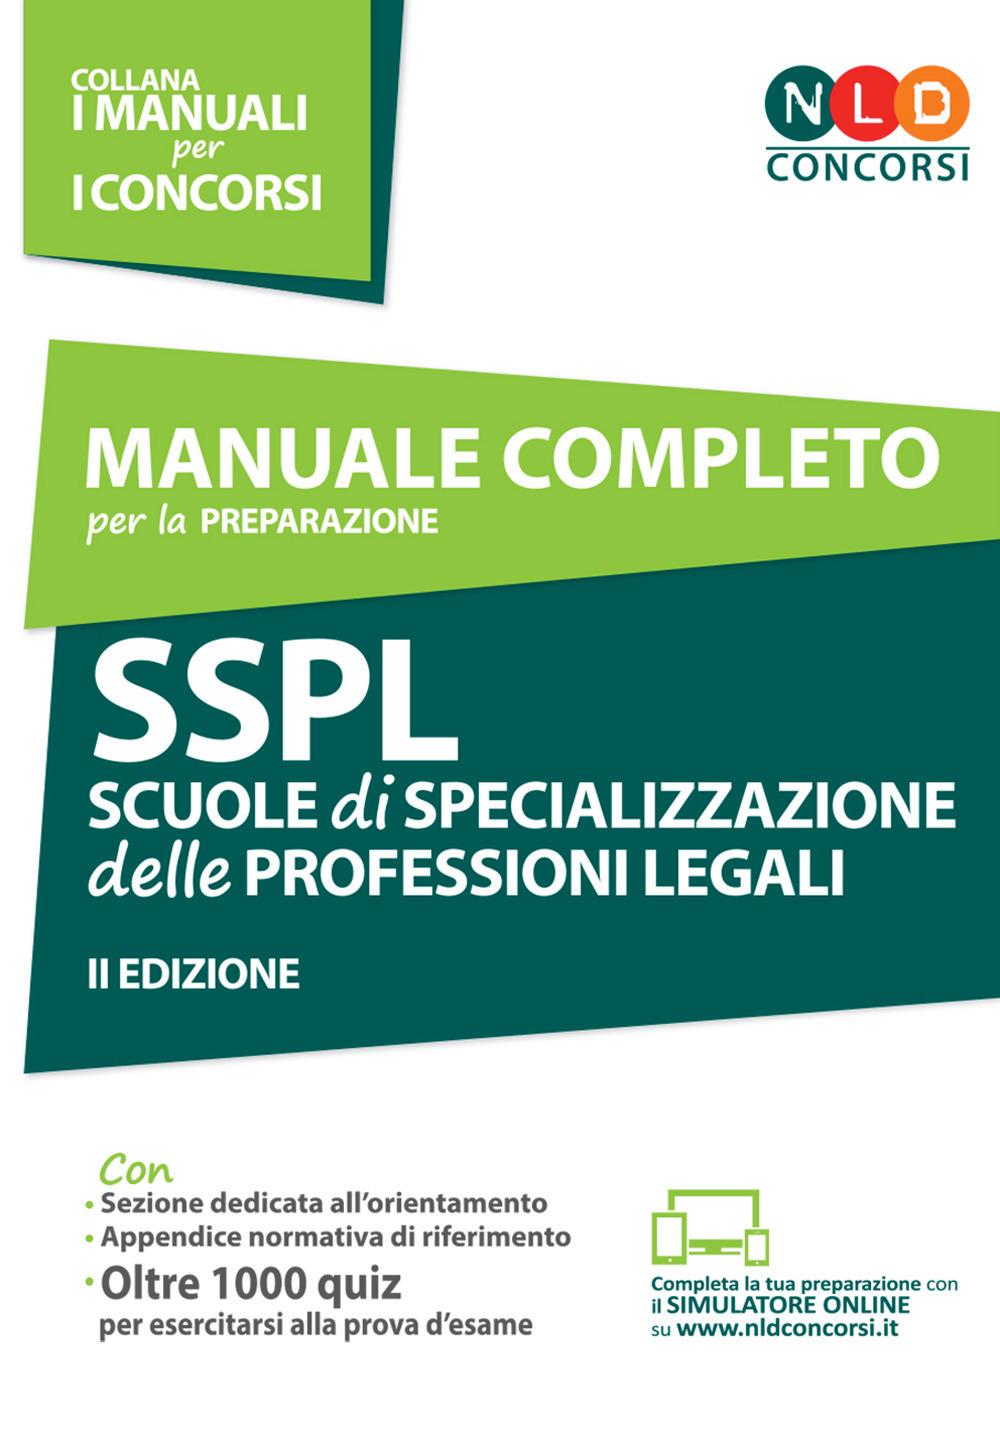 SSPL Scuole di Specializzazione delle Professioni Legali